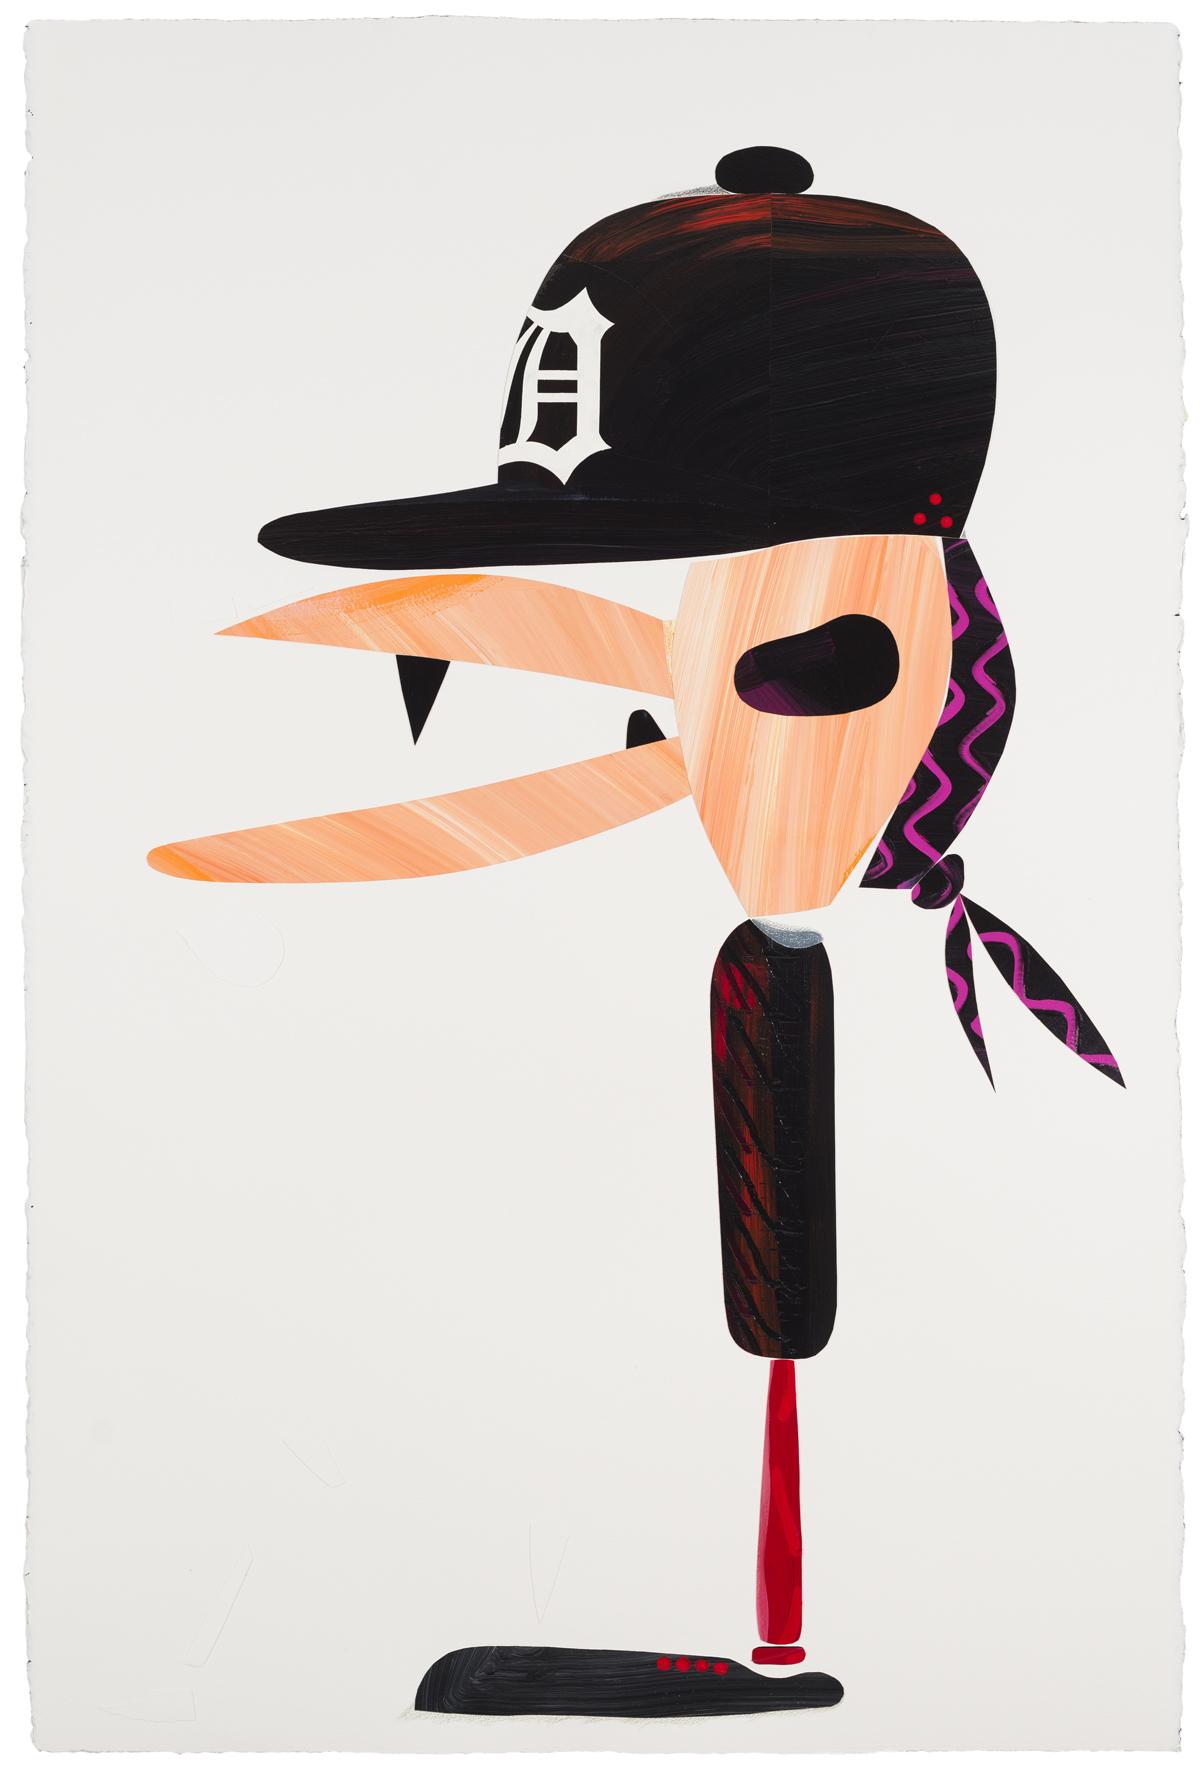 Abdul Vas. The Cut-Outs Rock Edge. Miguel Cabrera Detroit Tigers, 2012